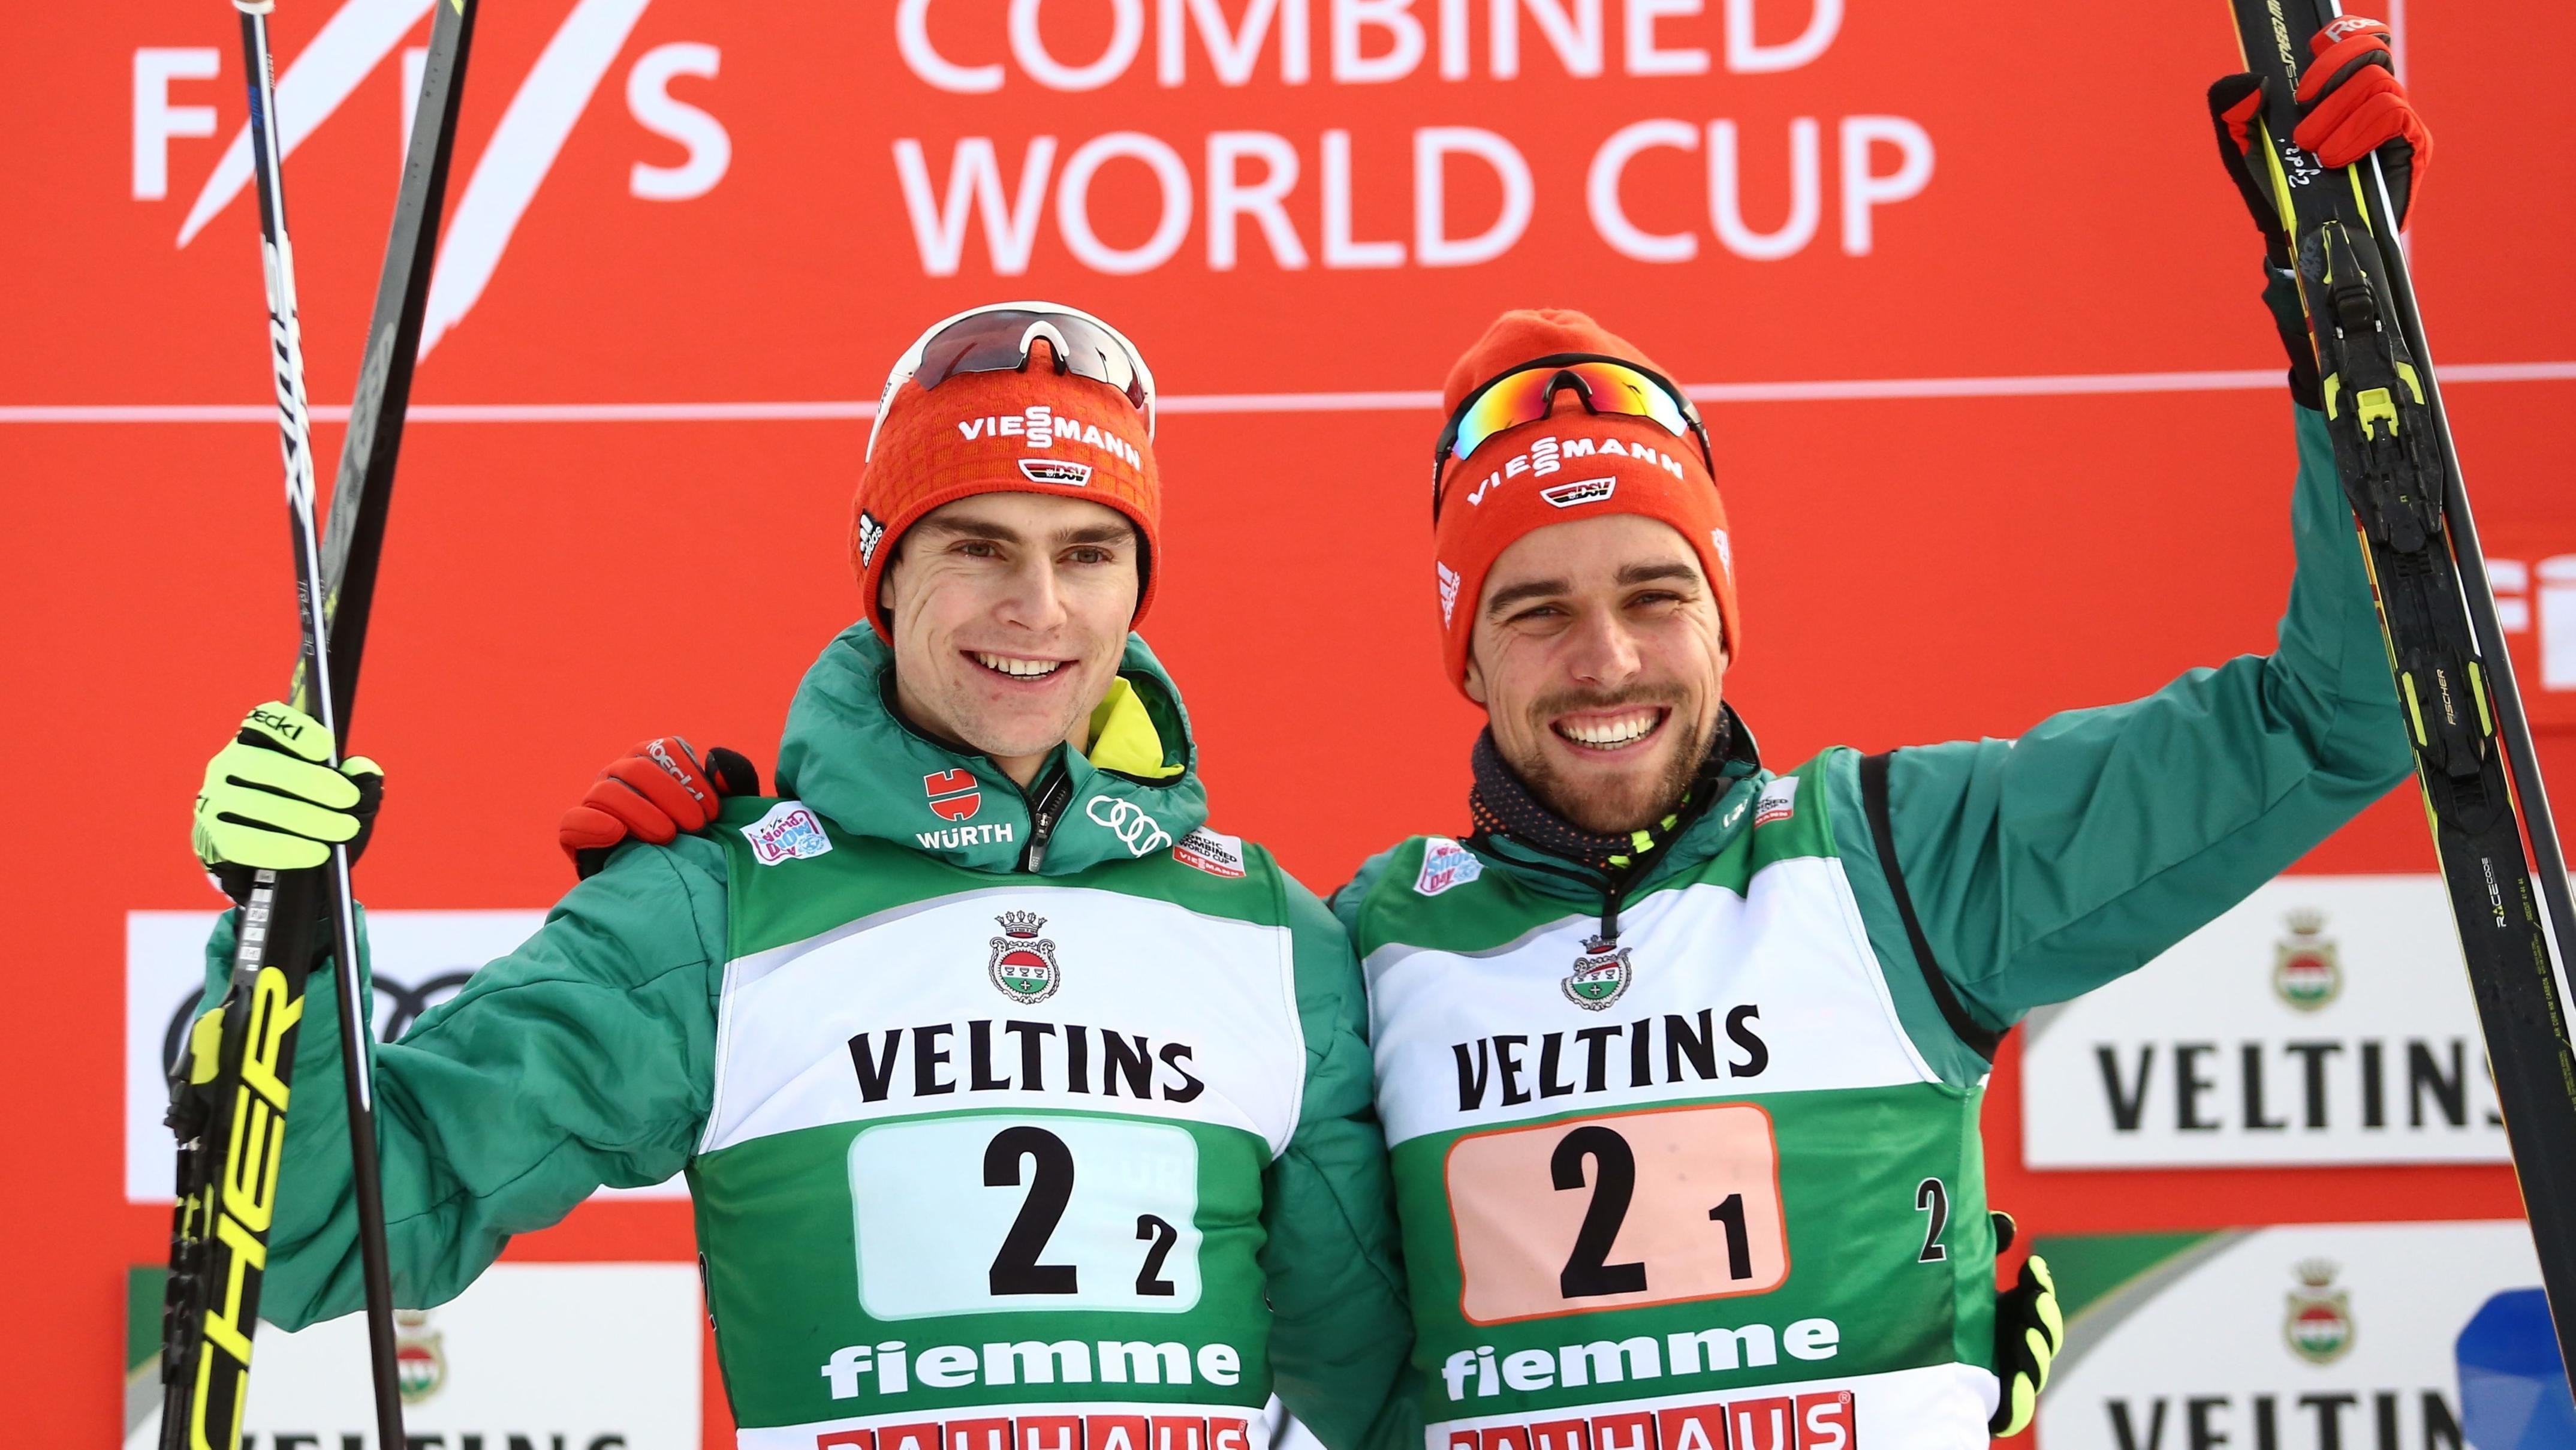 Vinzenz Geiger (links) und Johannes Rydzek auf dem Podest in Val di Fiemme